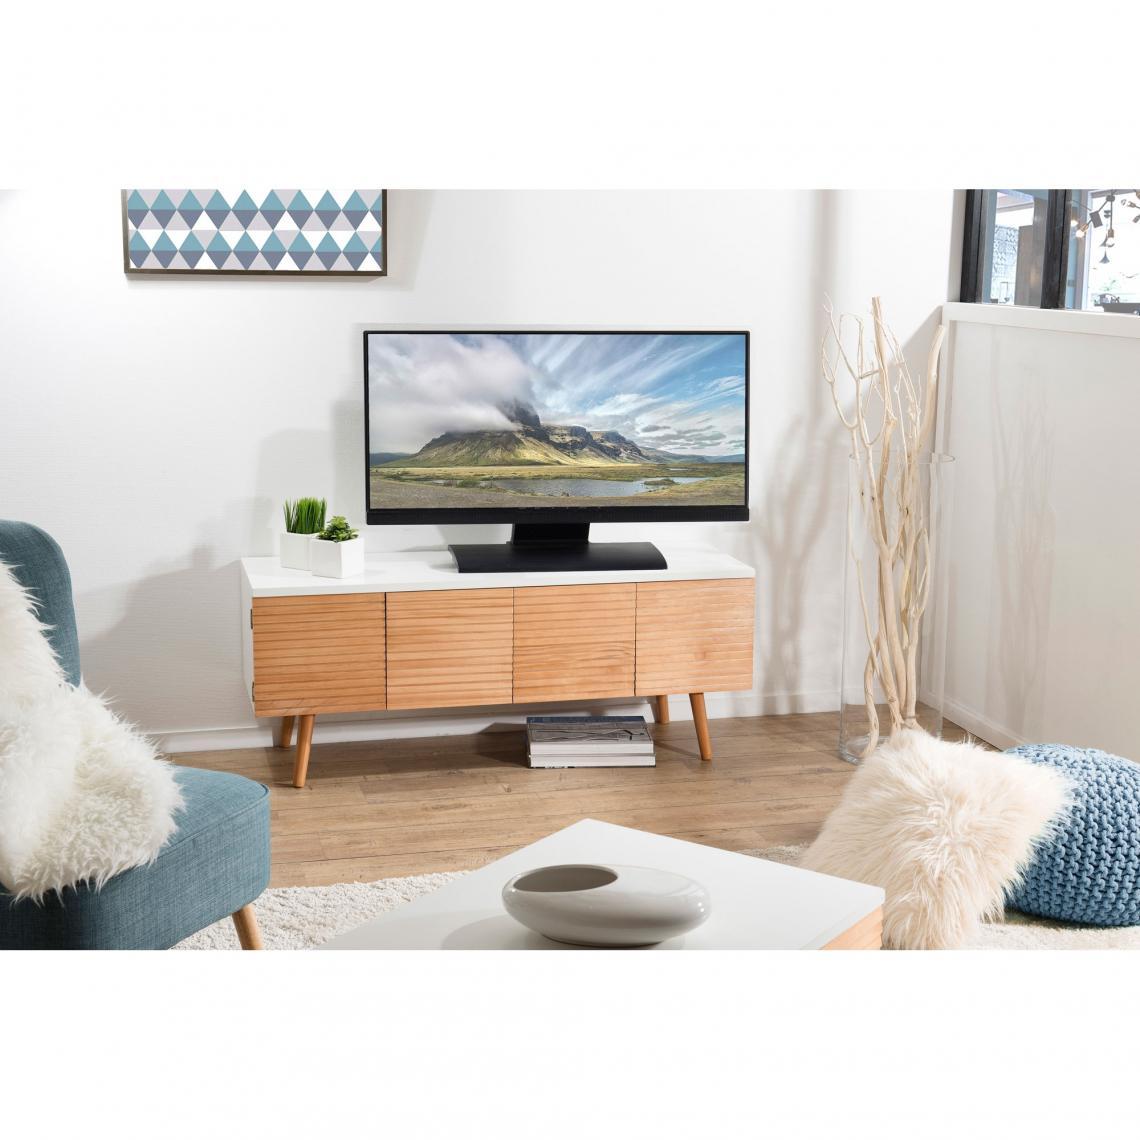 Meuble Tv 4 Portes Style Scandinave Miel Blanc 3 Suisses